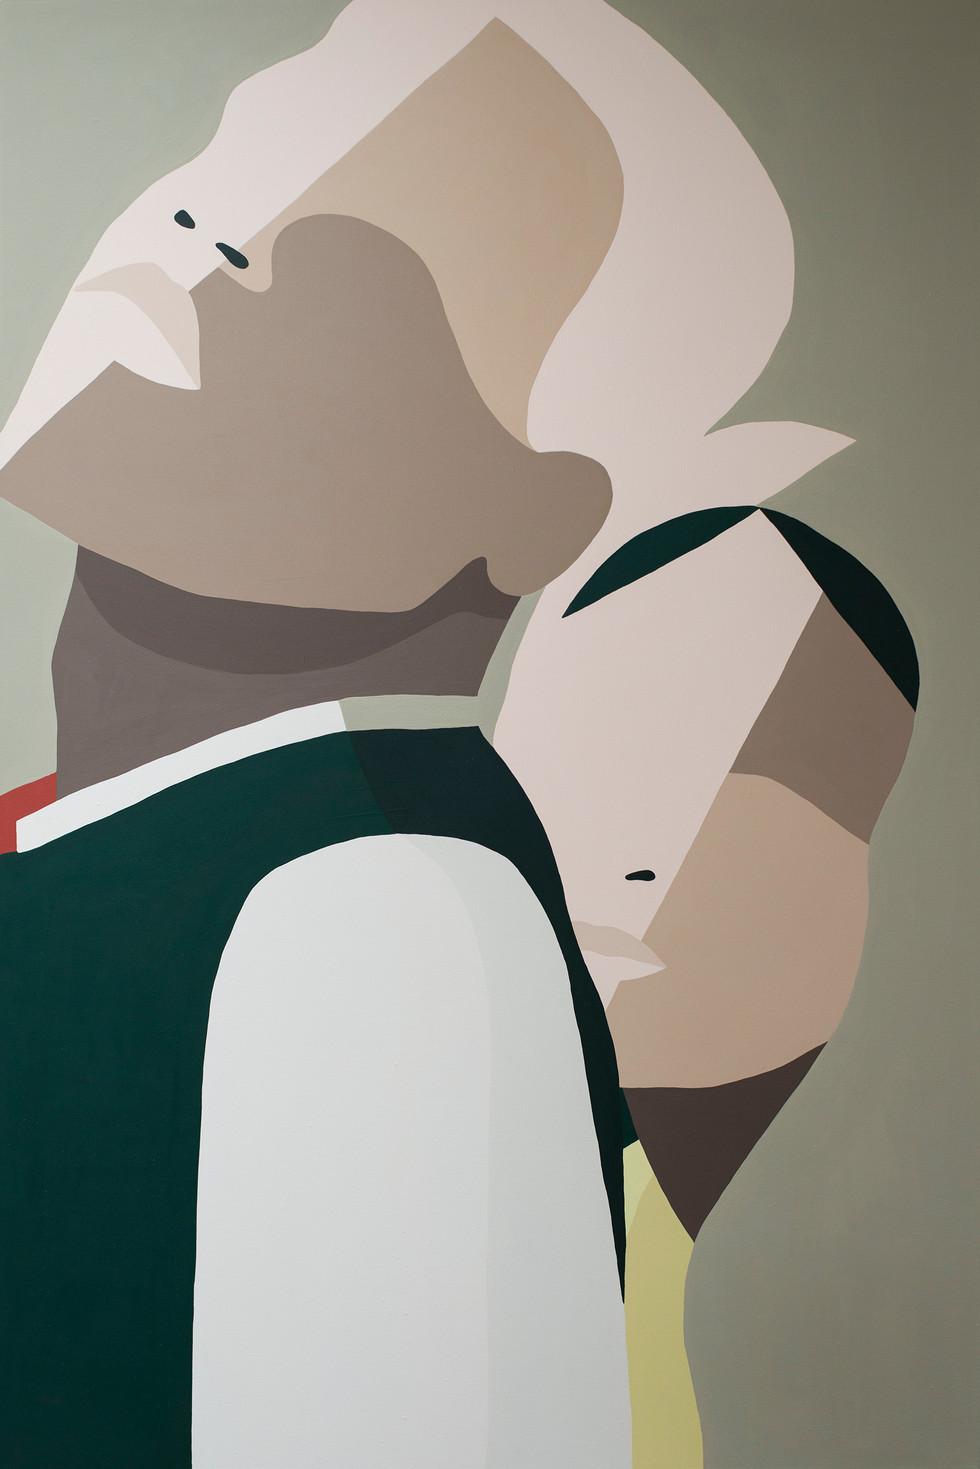 Collés serrés, 2020 acrylic on canvas 80 x 120 cm